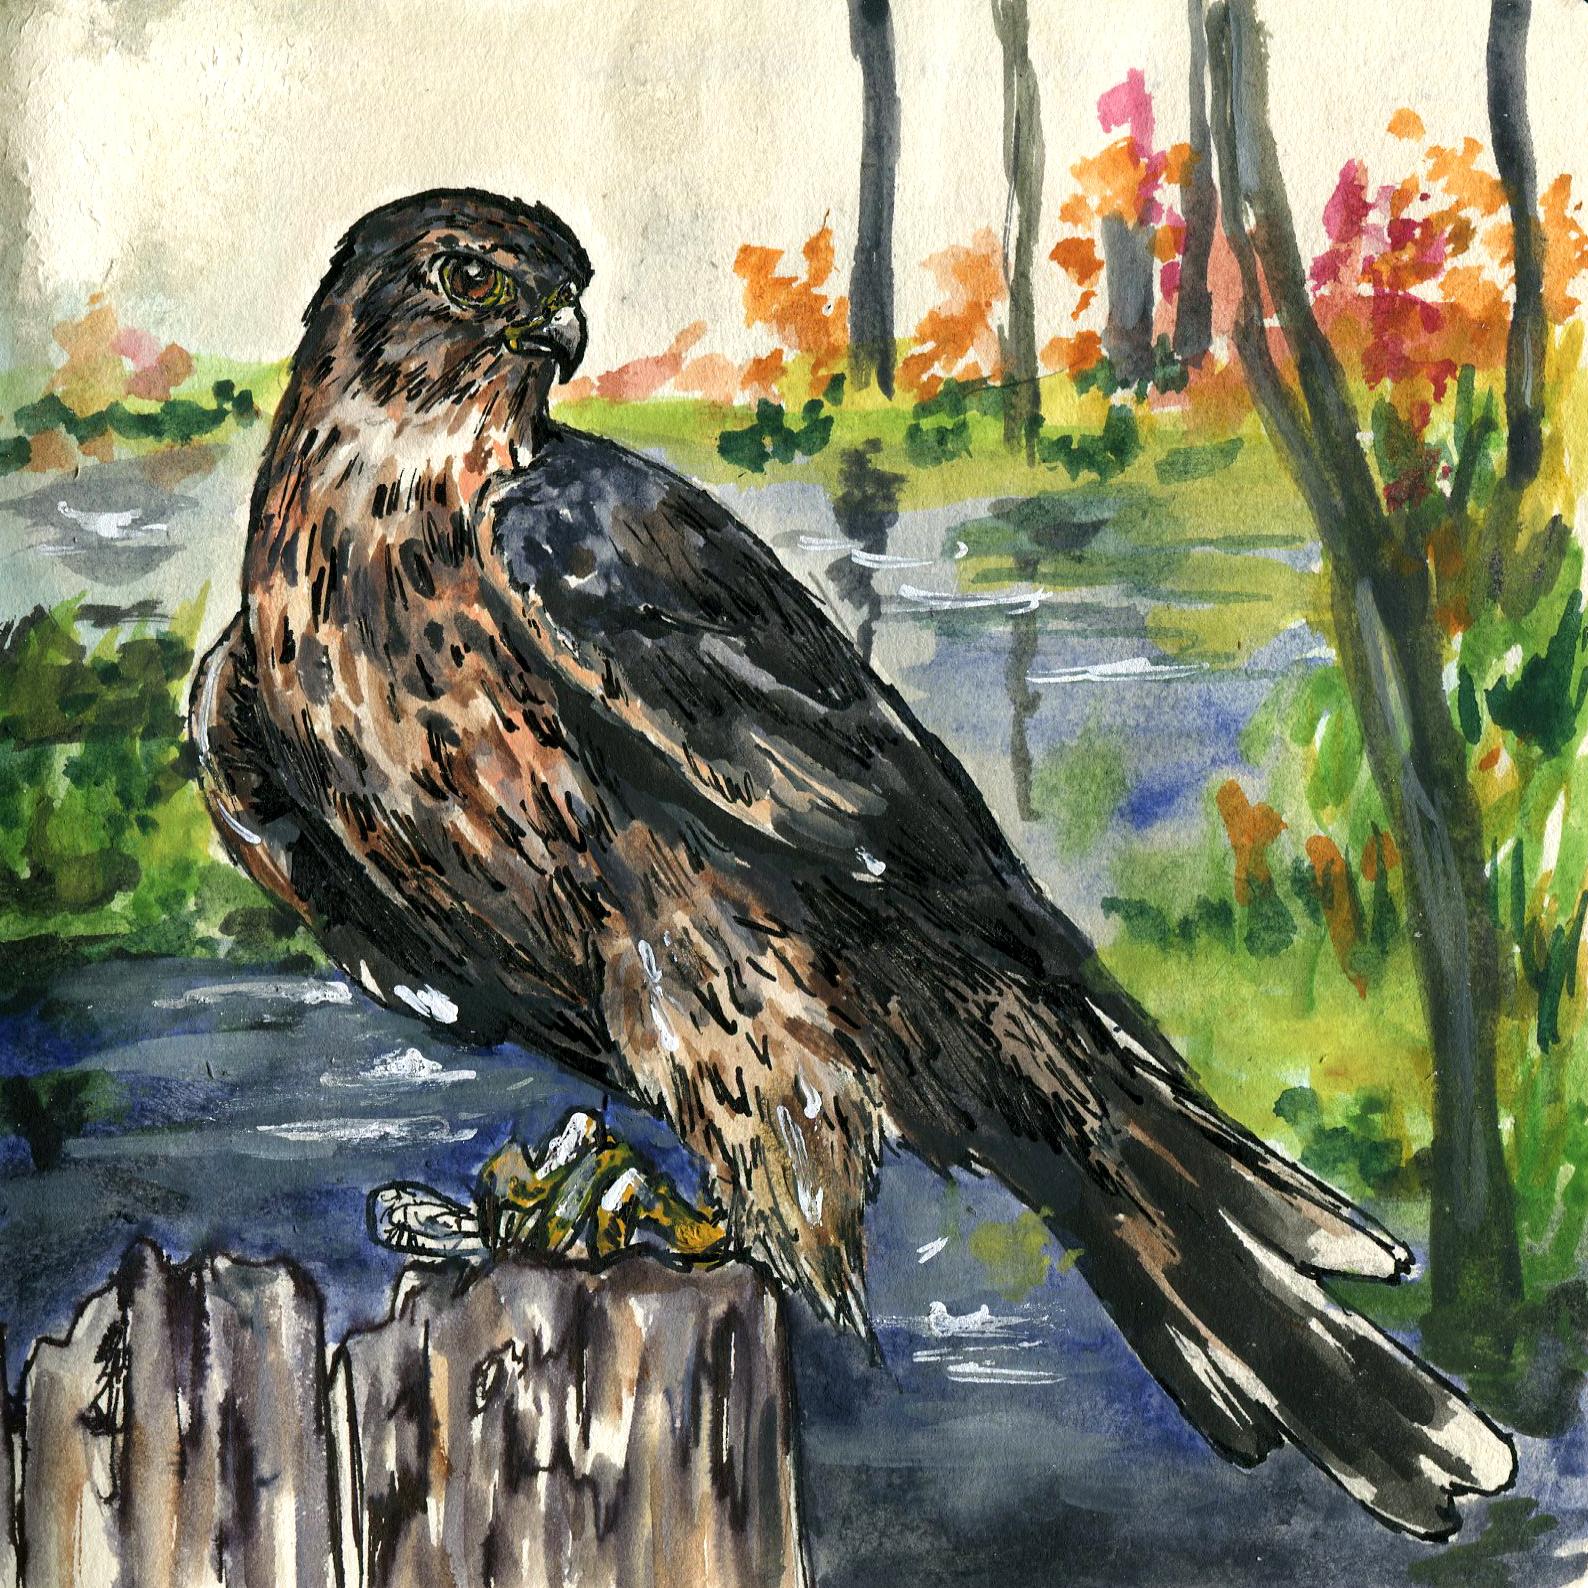 211. Sharp-shinned Hawk